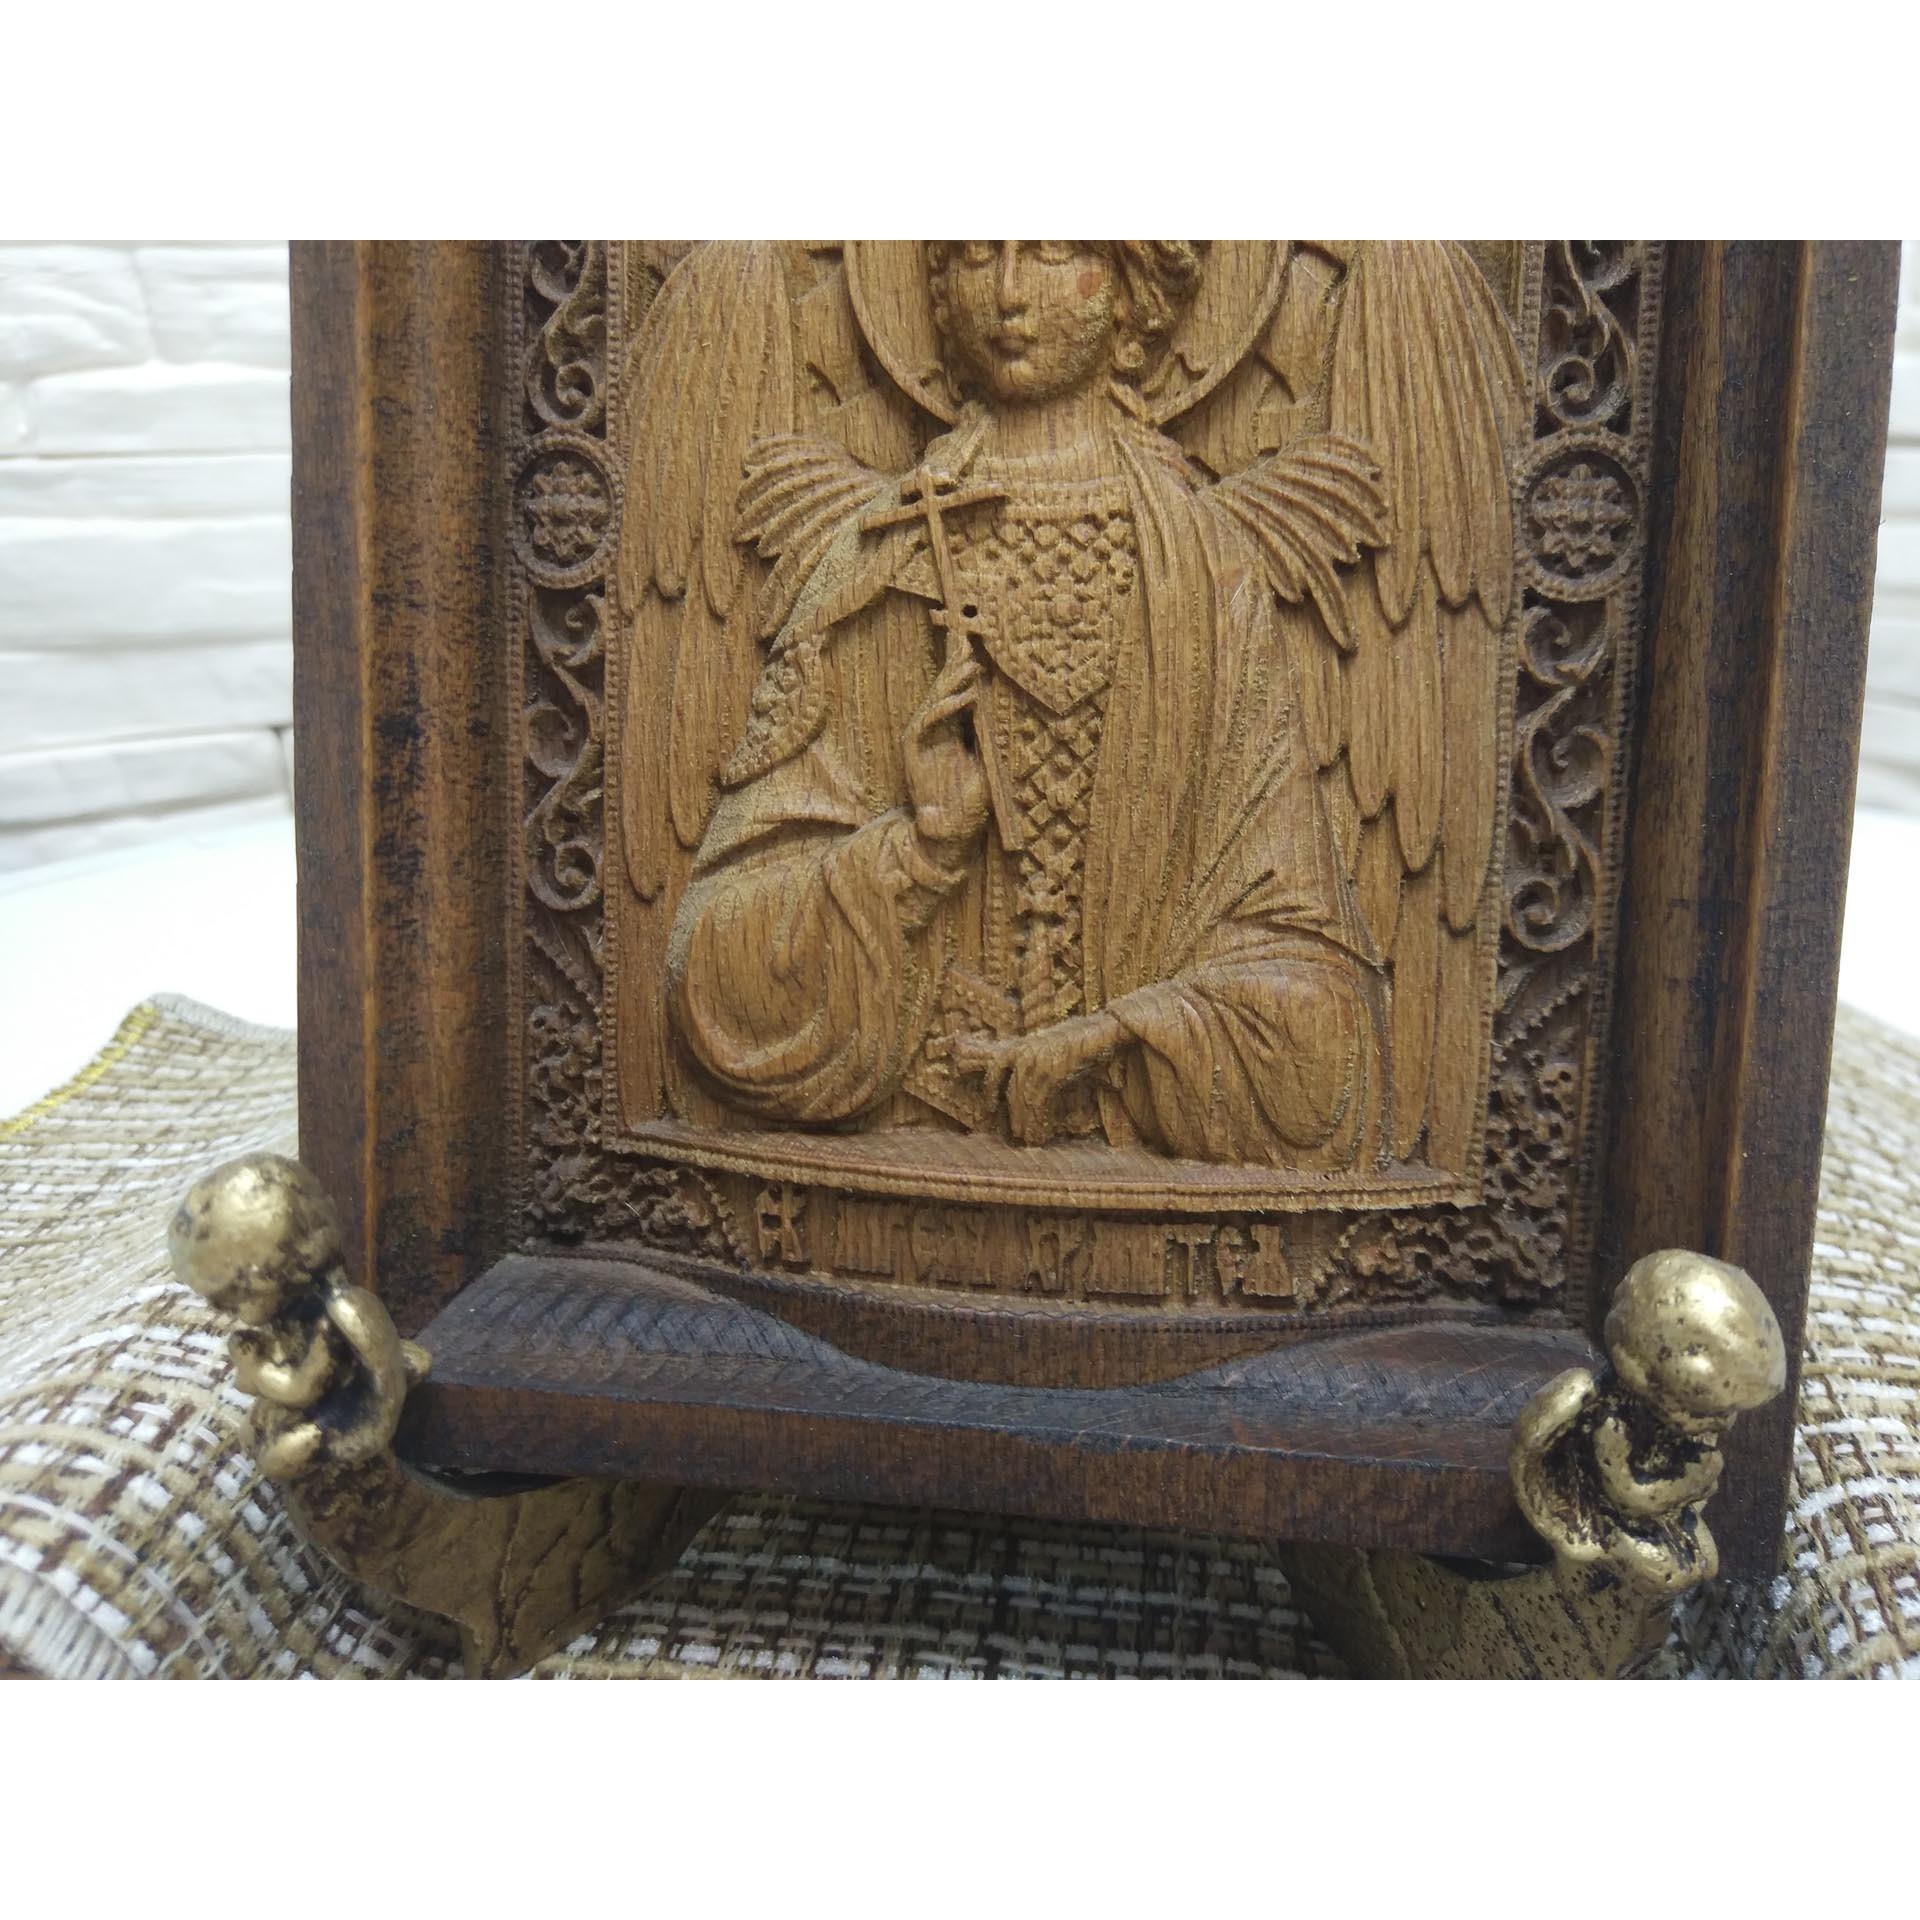 Фото на подставке АНГЕЛЫ маленькой резной иконы святого Ангела Хранителя